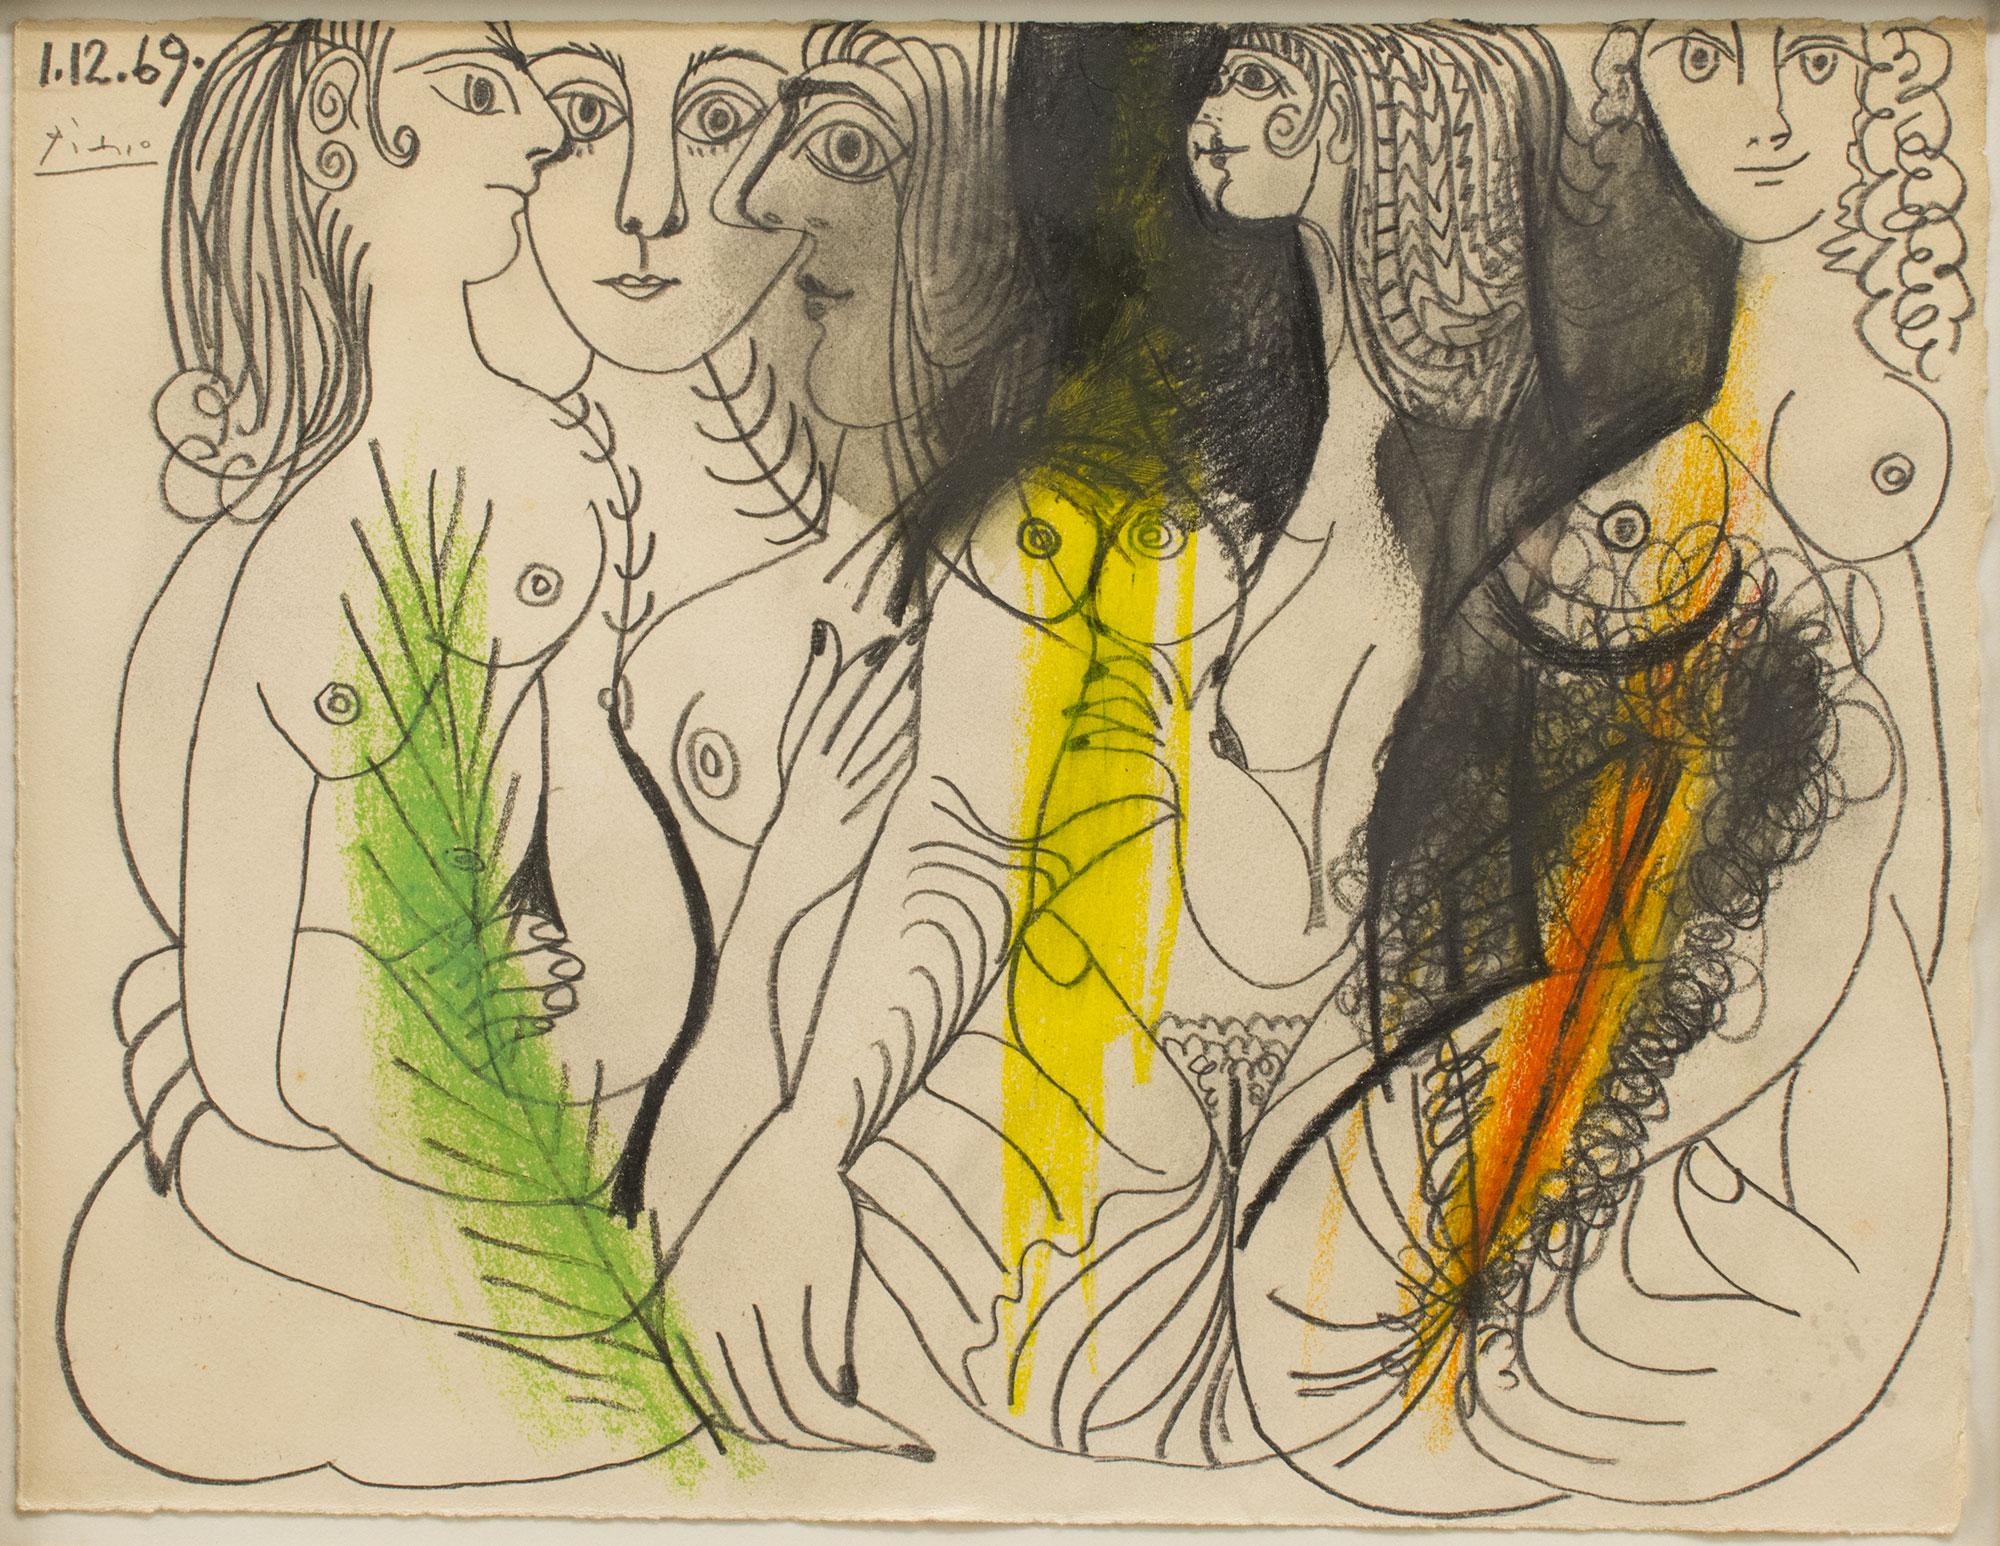 Once dibujos de Picasso (2016)